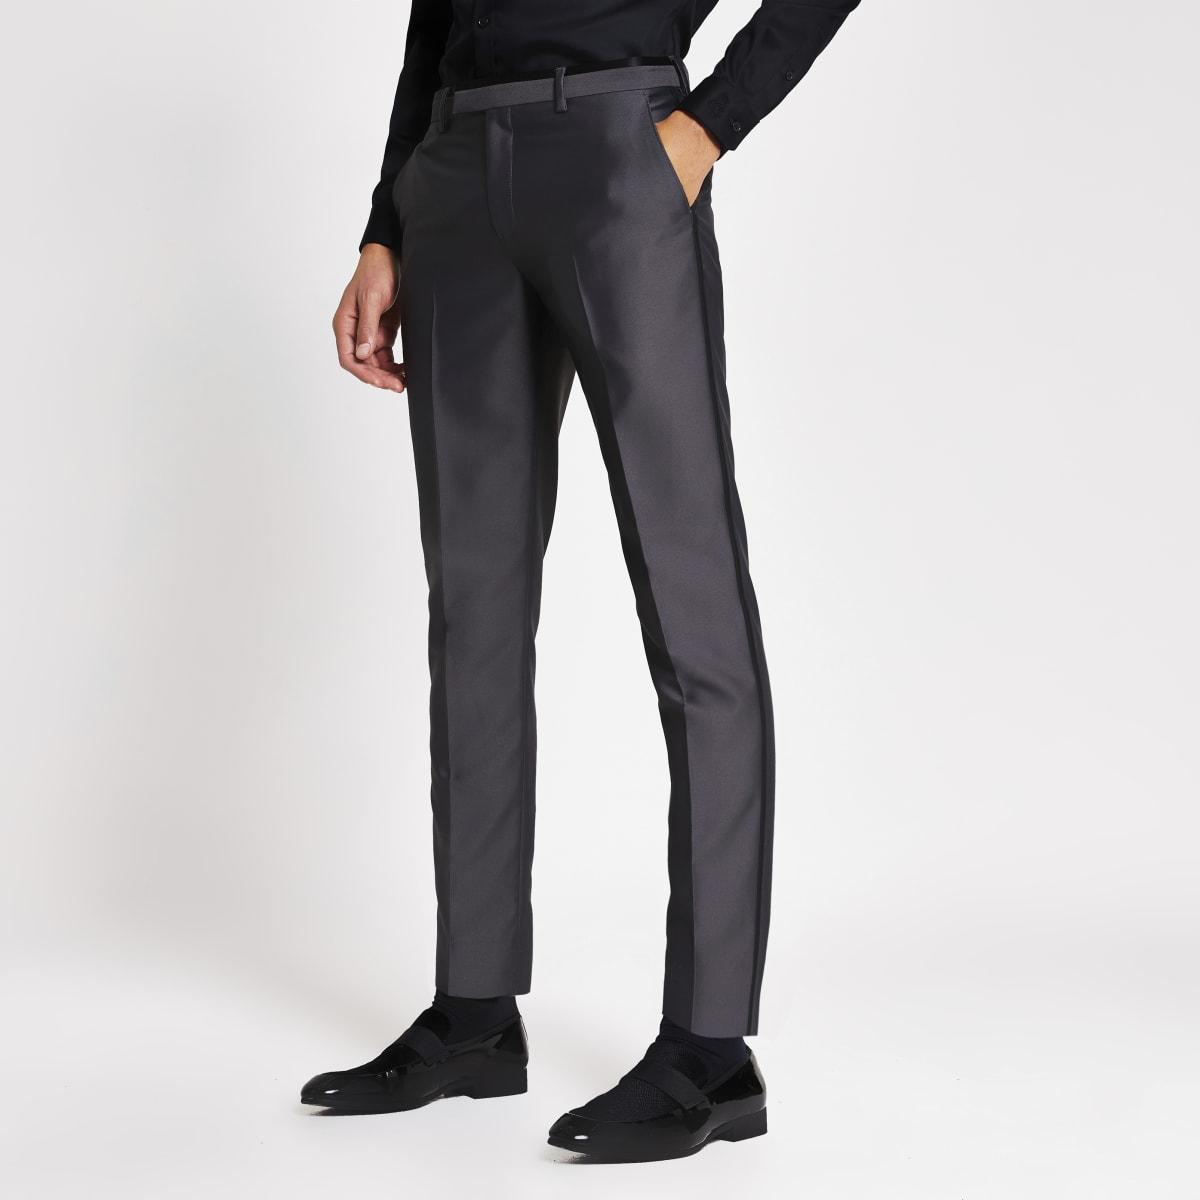 Grijze tonic skinny pantalon